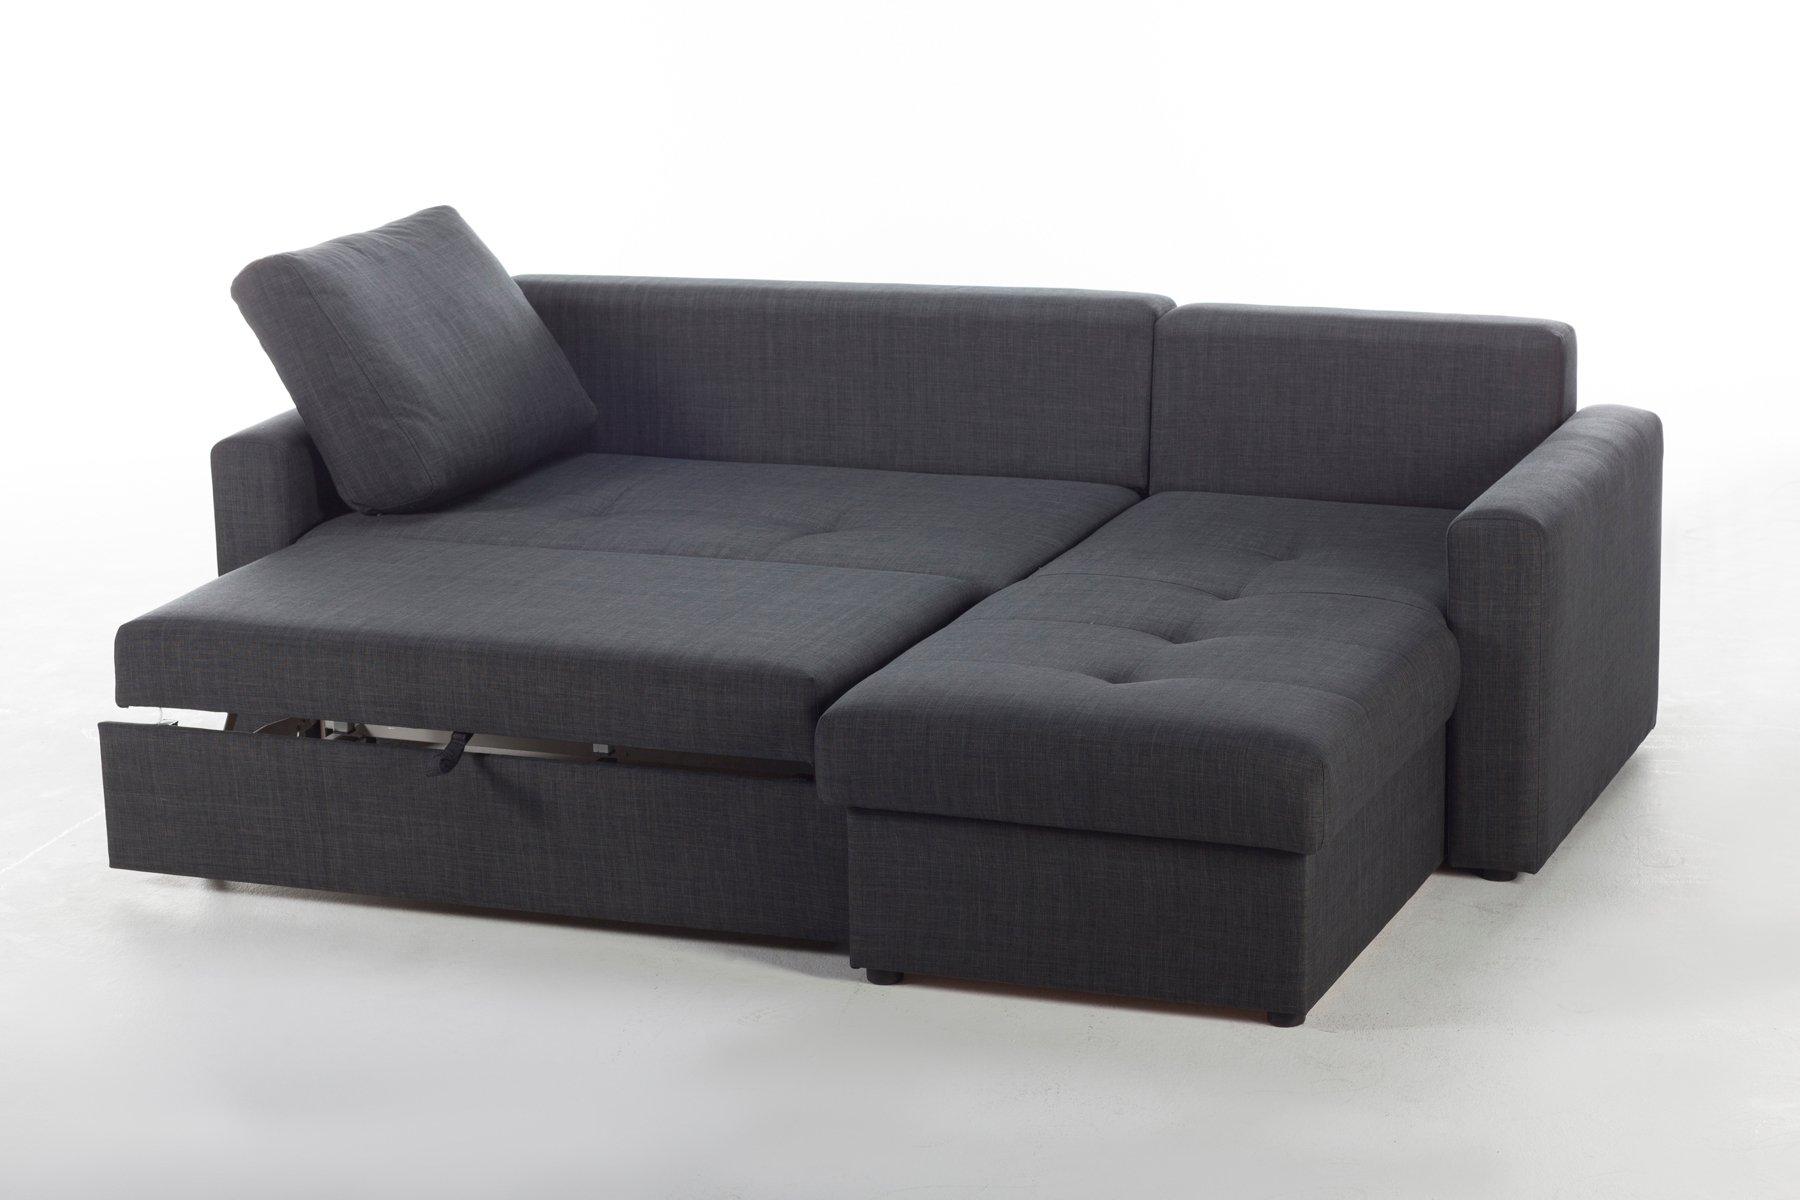 Fethiye Dark Grey Fabric Sectional Sofa by Sunset